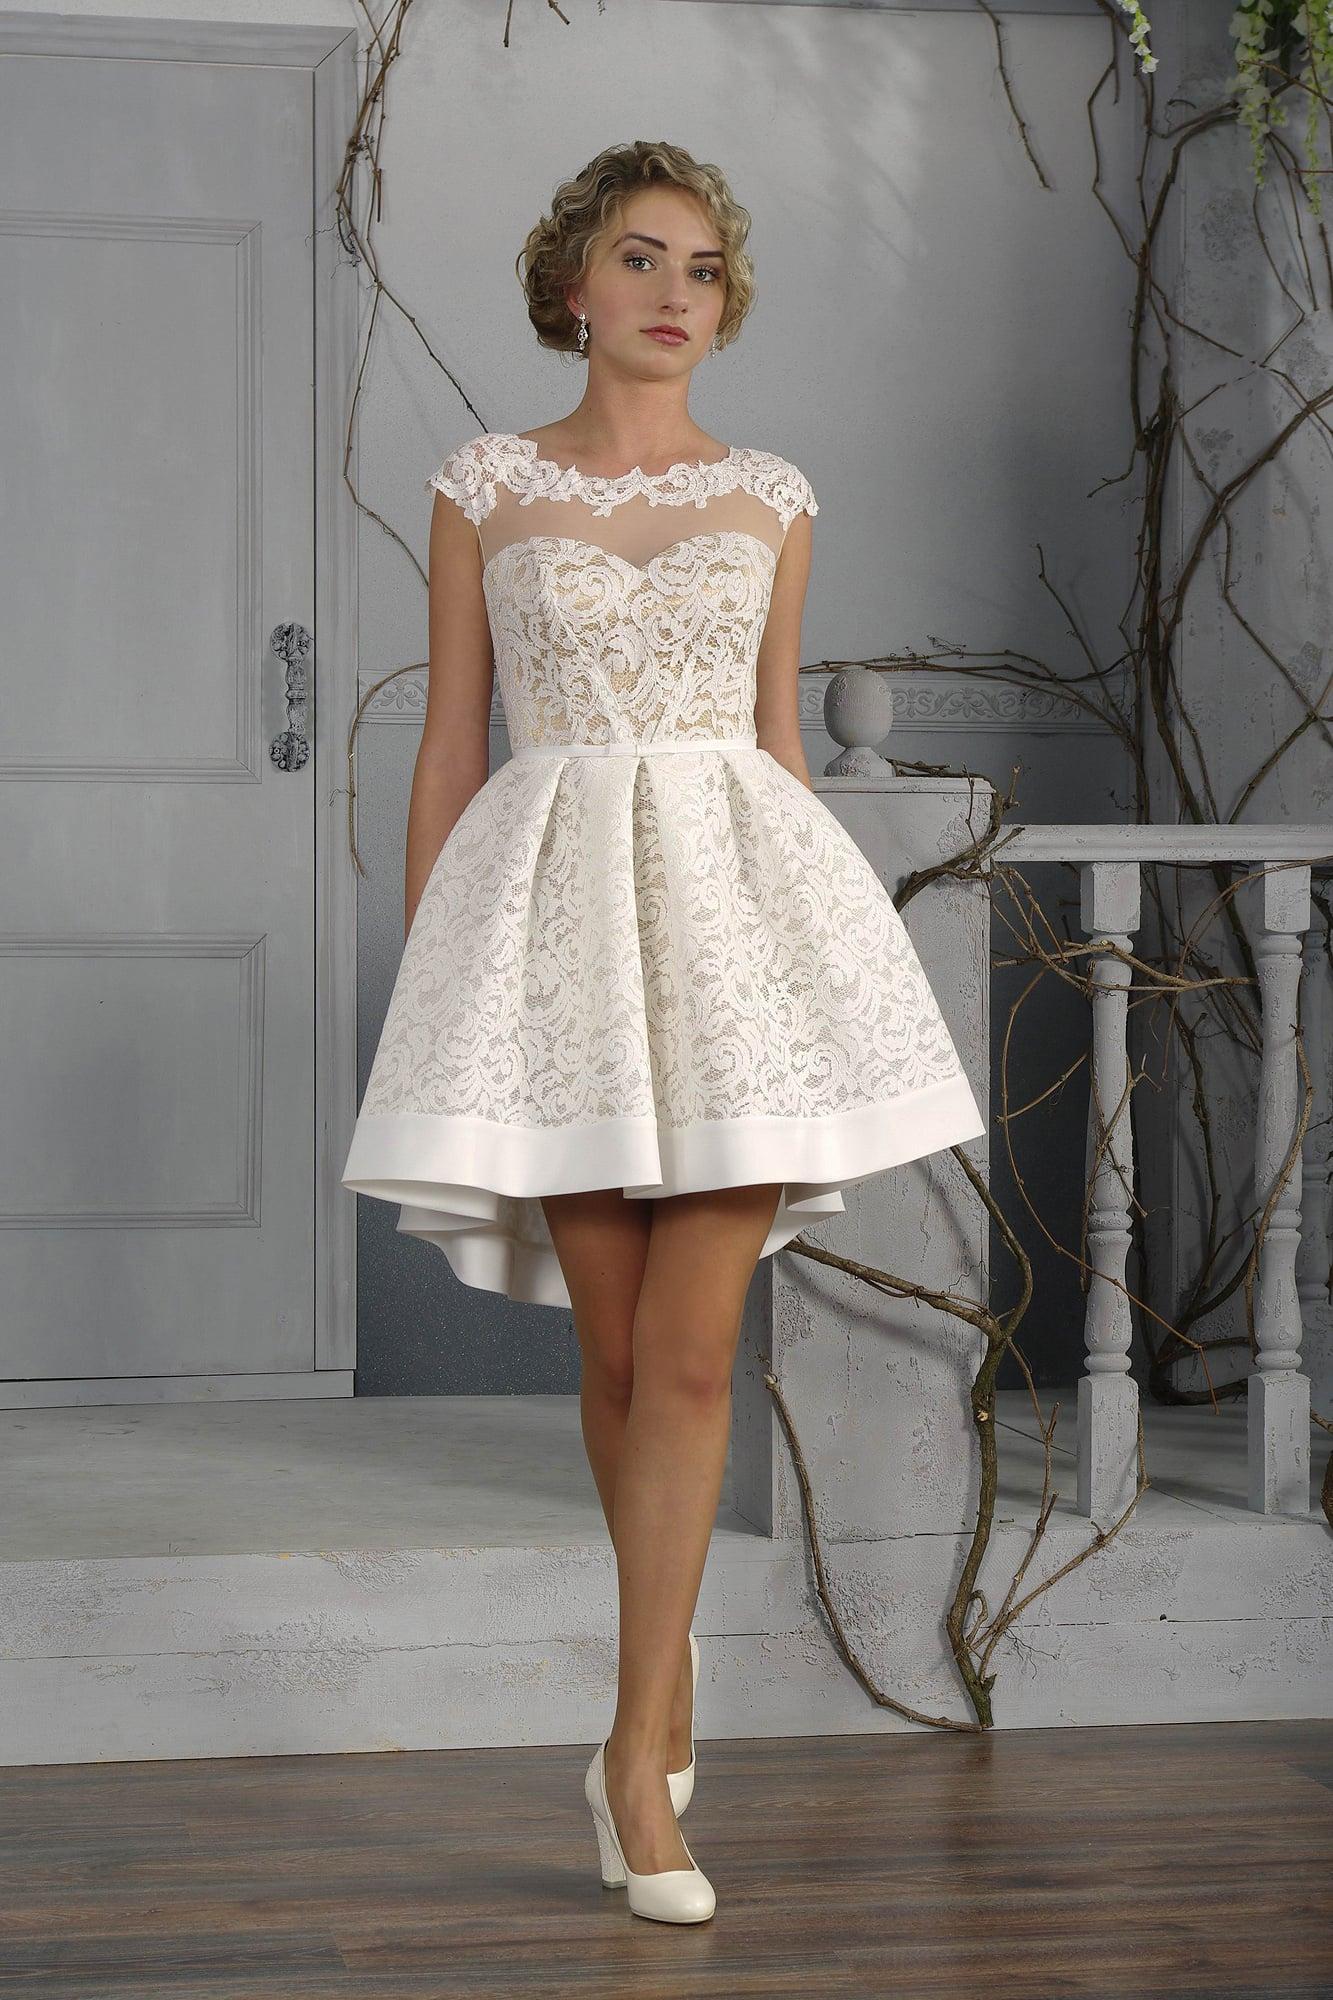 025036e6e15 Короткое свадебное платье с выразительной кружевной отделкой на элегантной  бежевой подкладке.